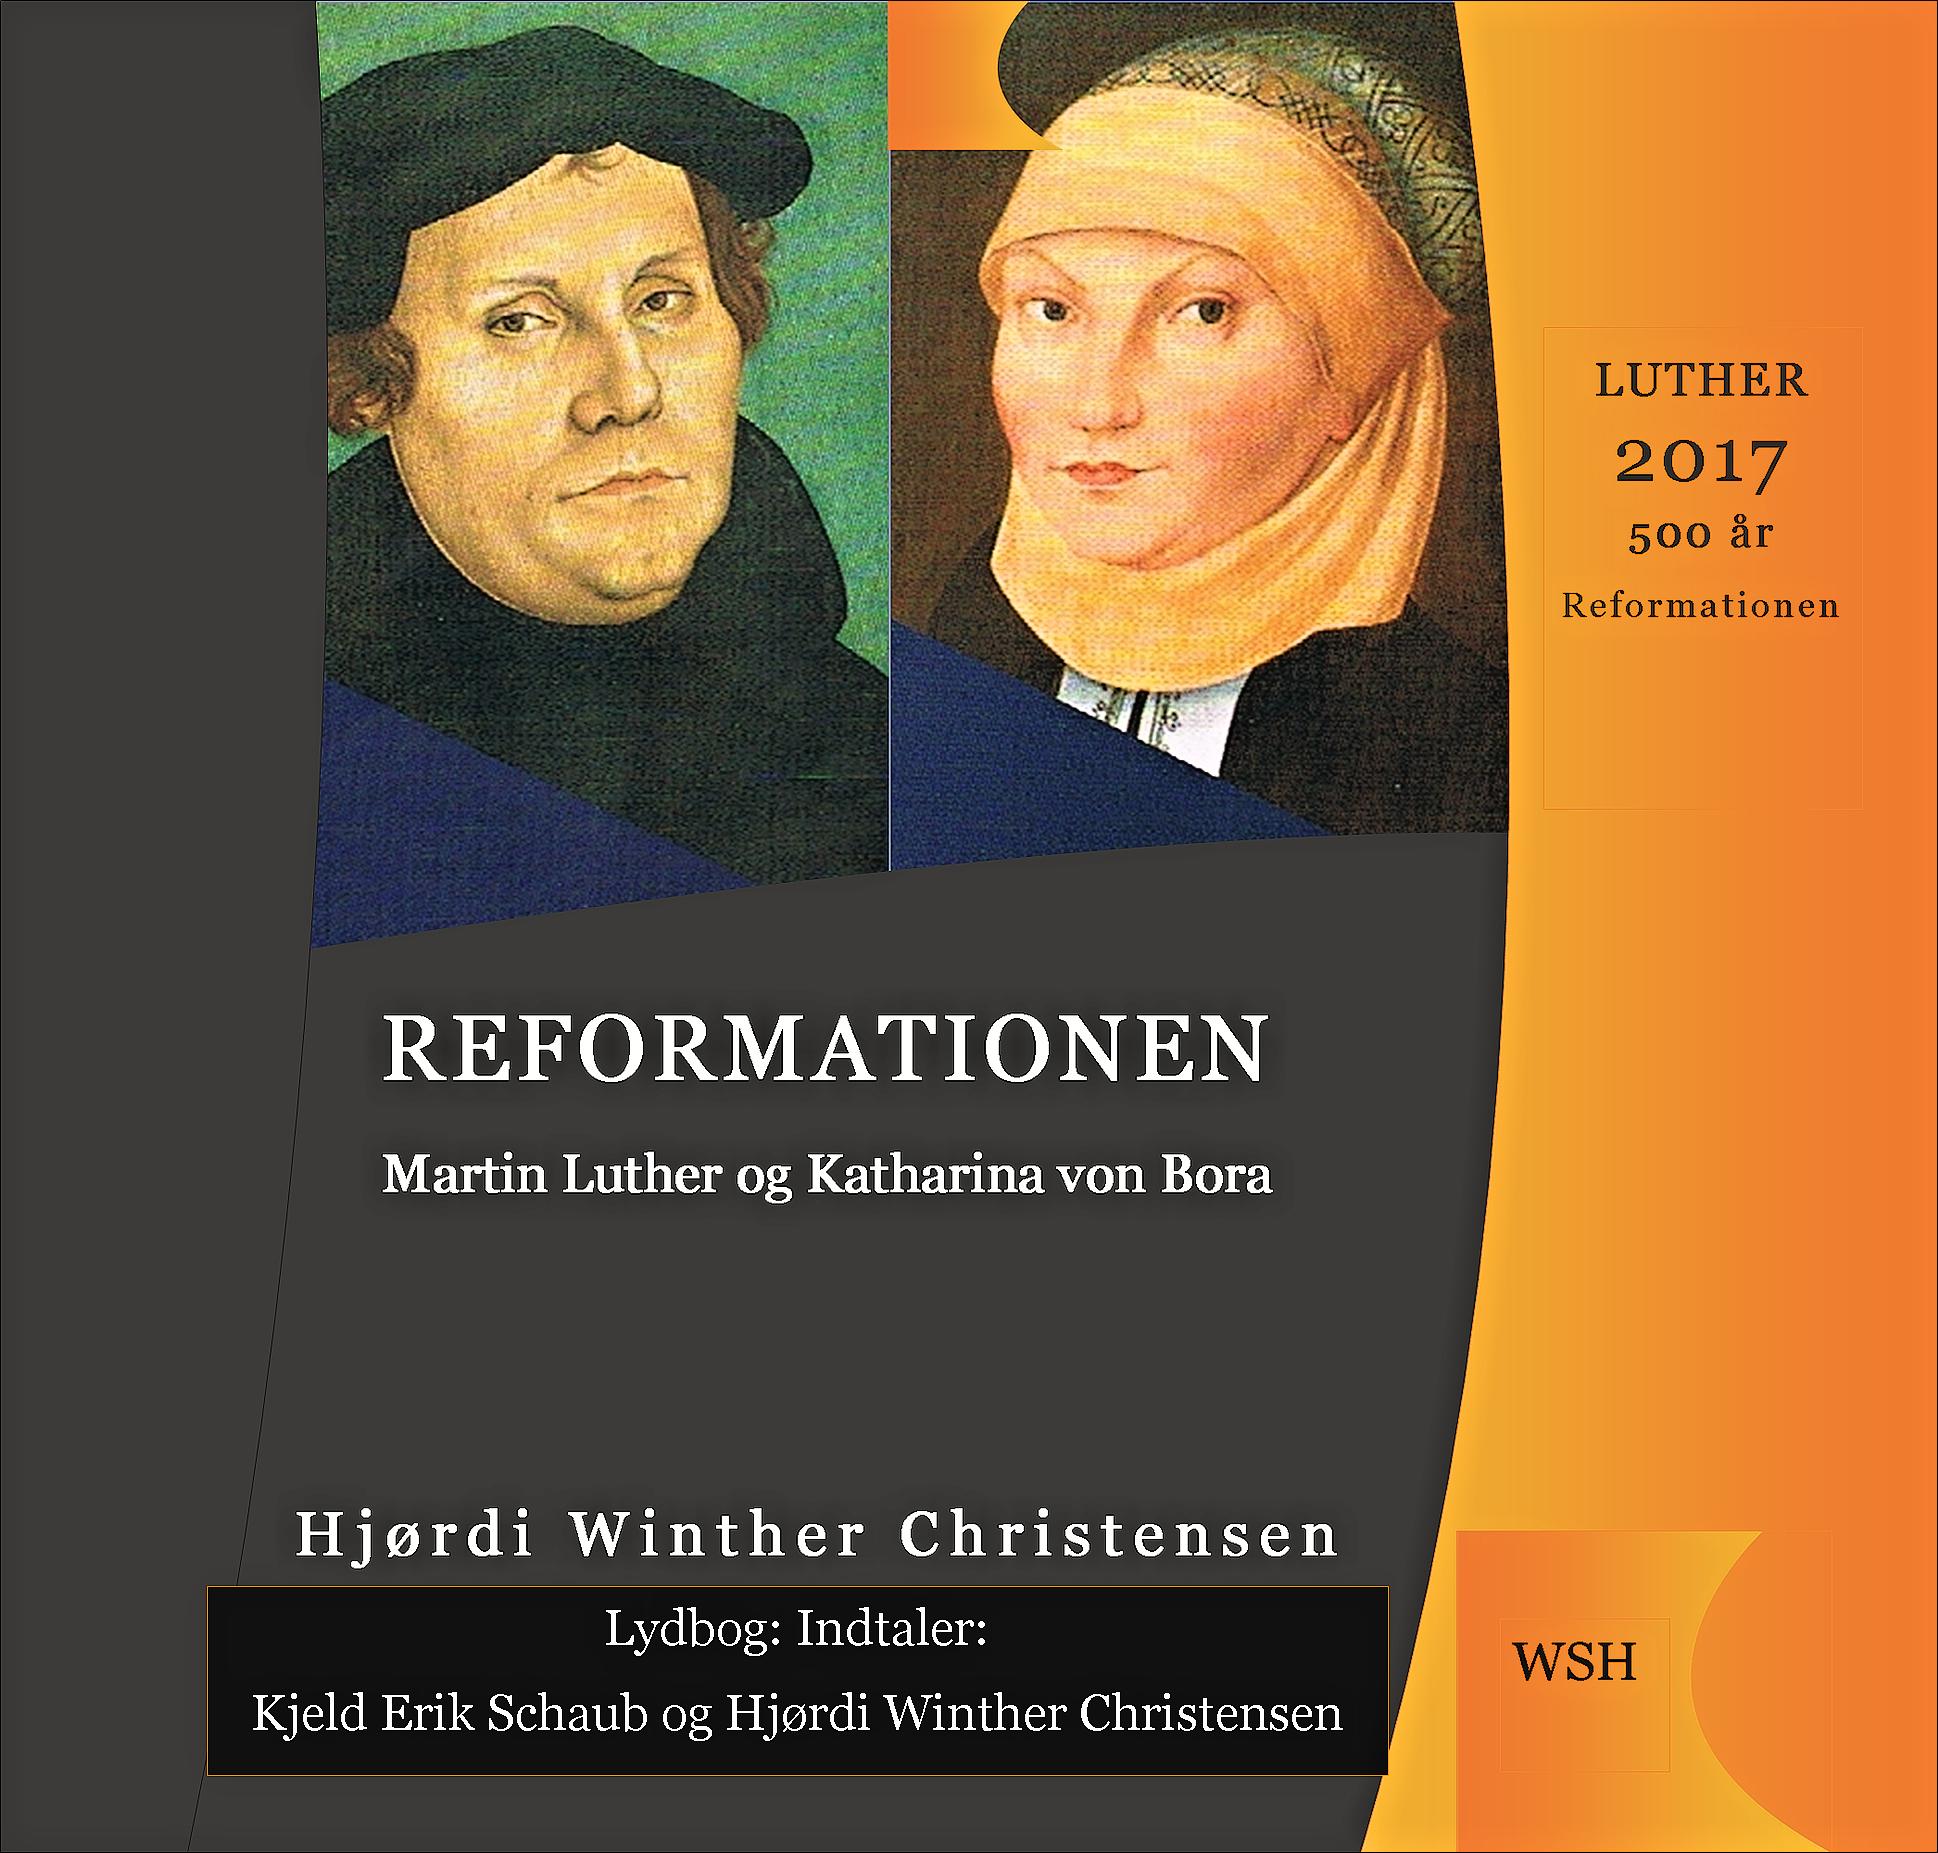 Reformationen martin luther og katharina von bora - e-lydbog fra N/A på bog & mystik